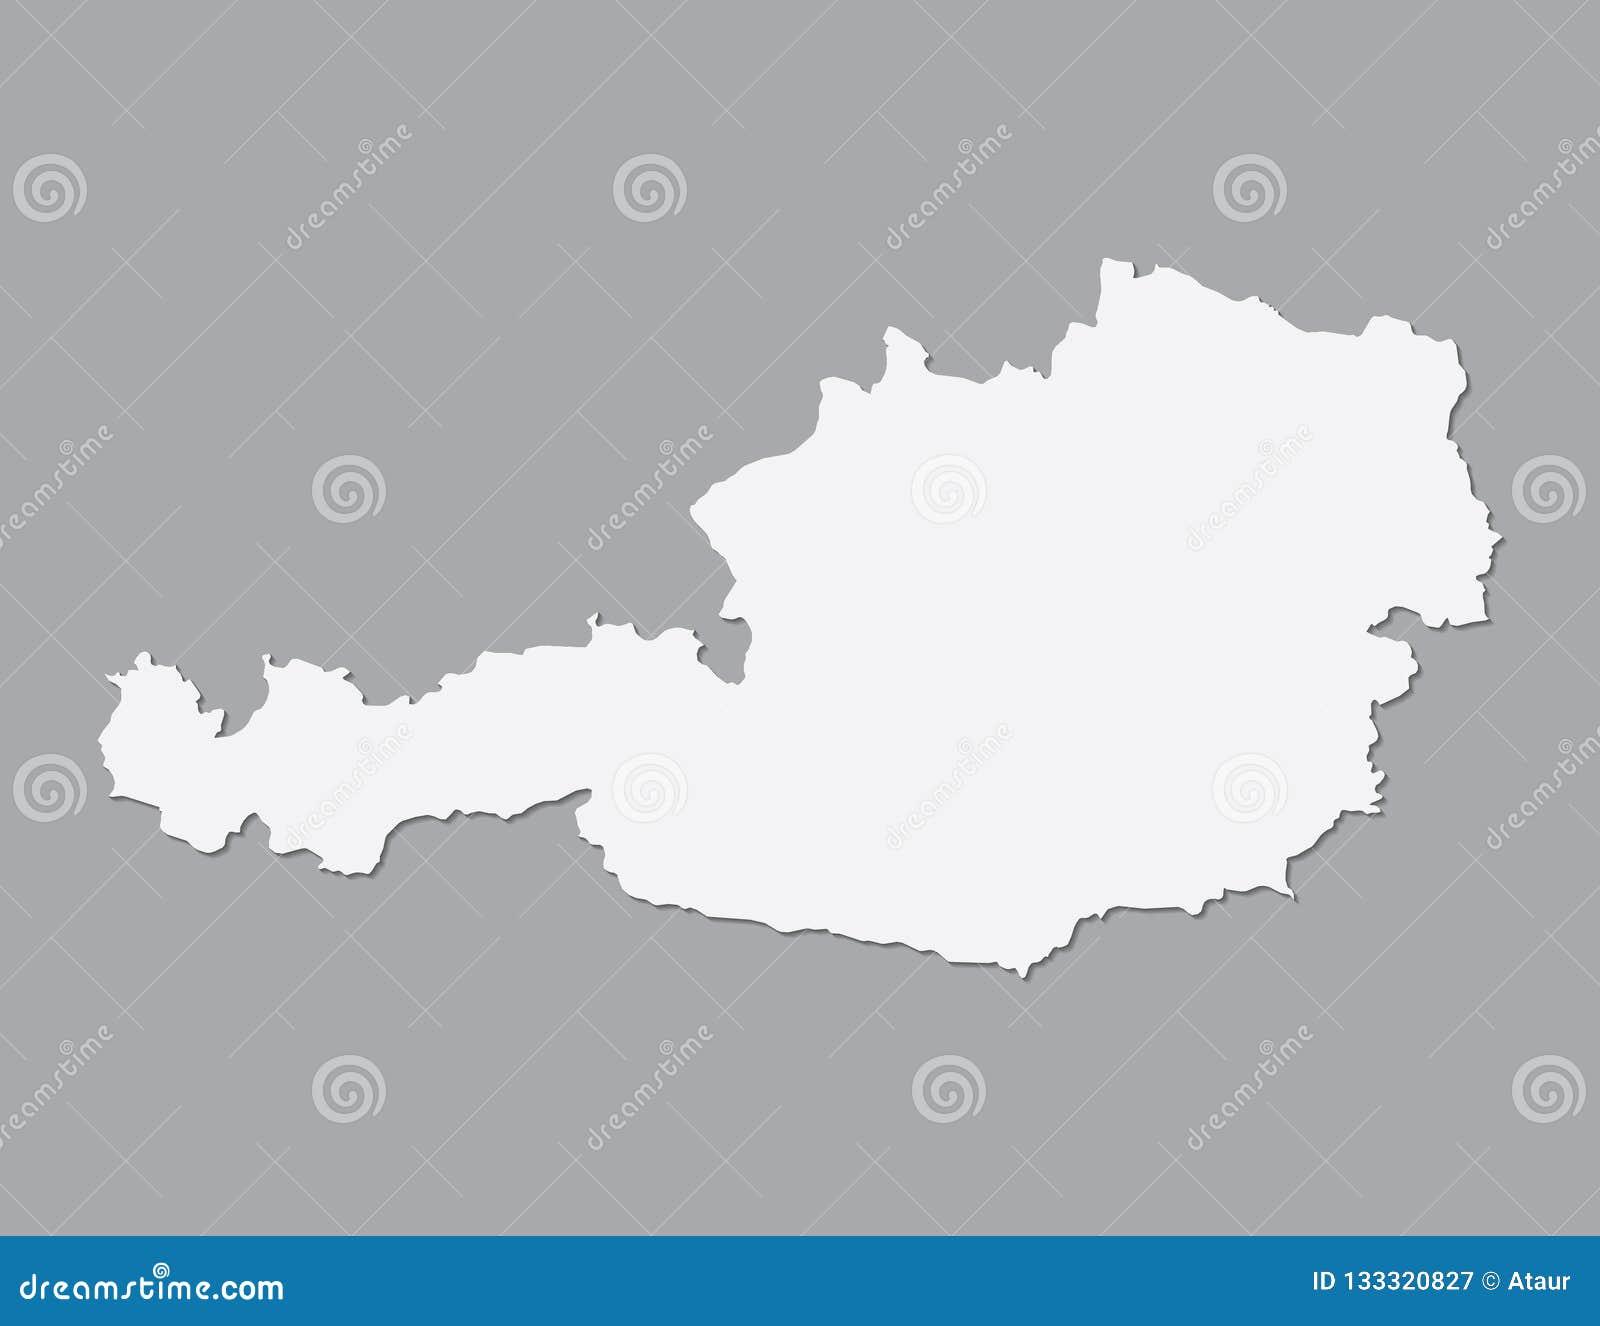 Weisse Osterreich Karte Unter Verwendung Der Einzelnen Grenze Auf